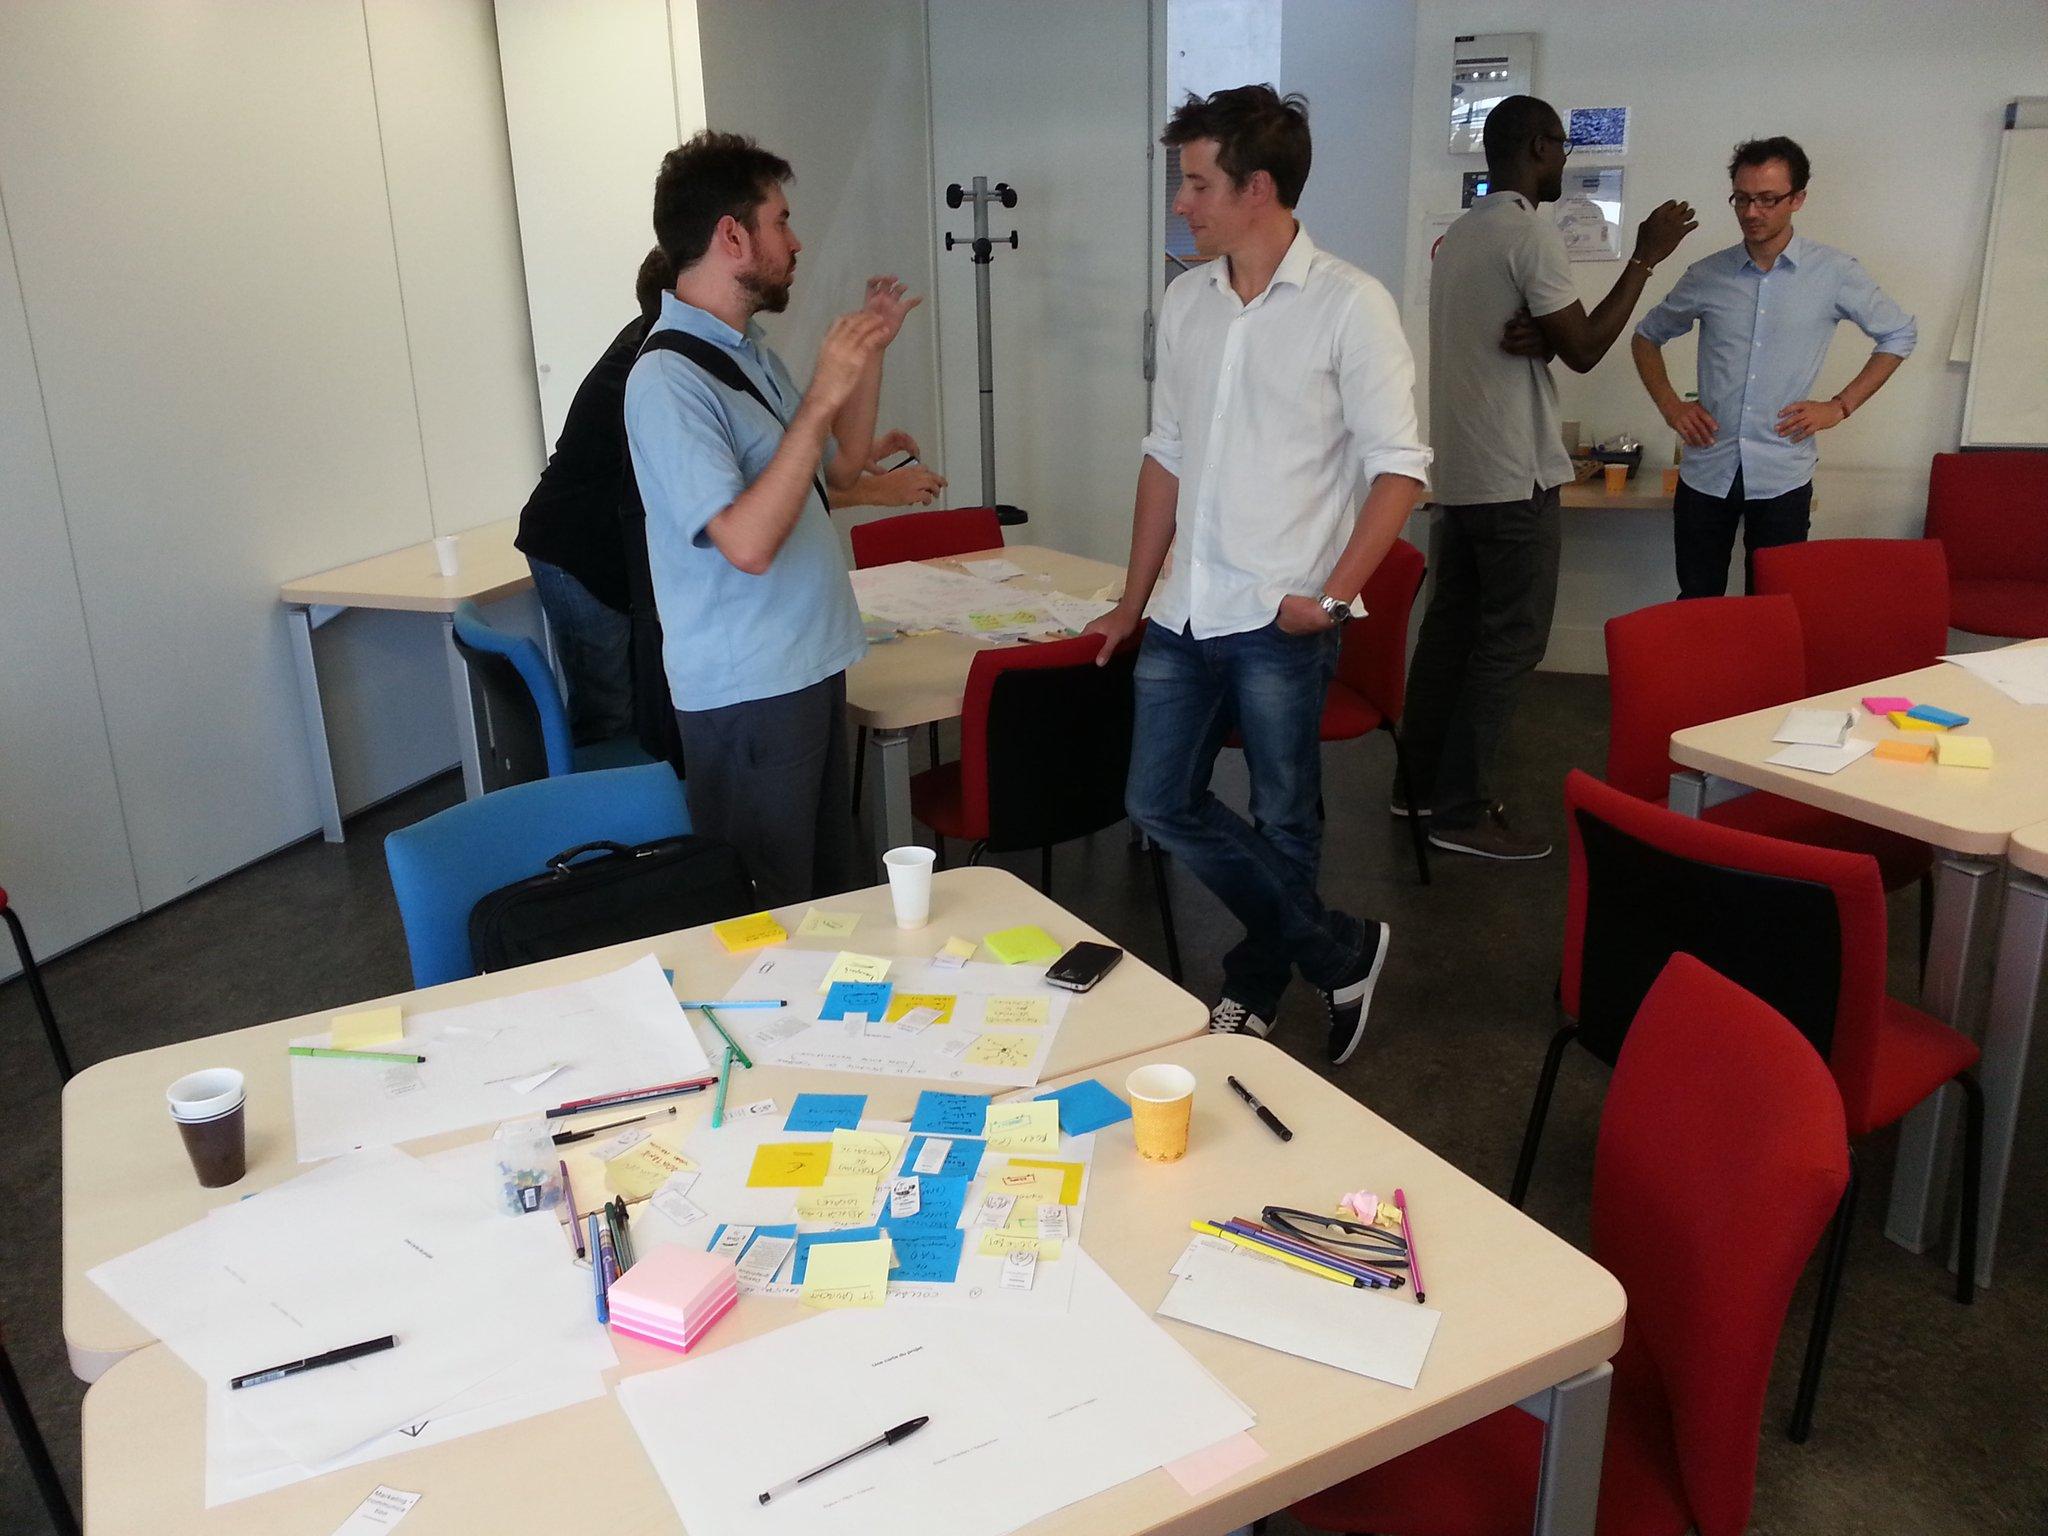 Pilag - DesignLab 4 discussion entre les personne